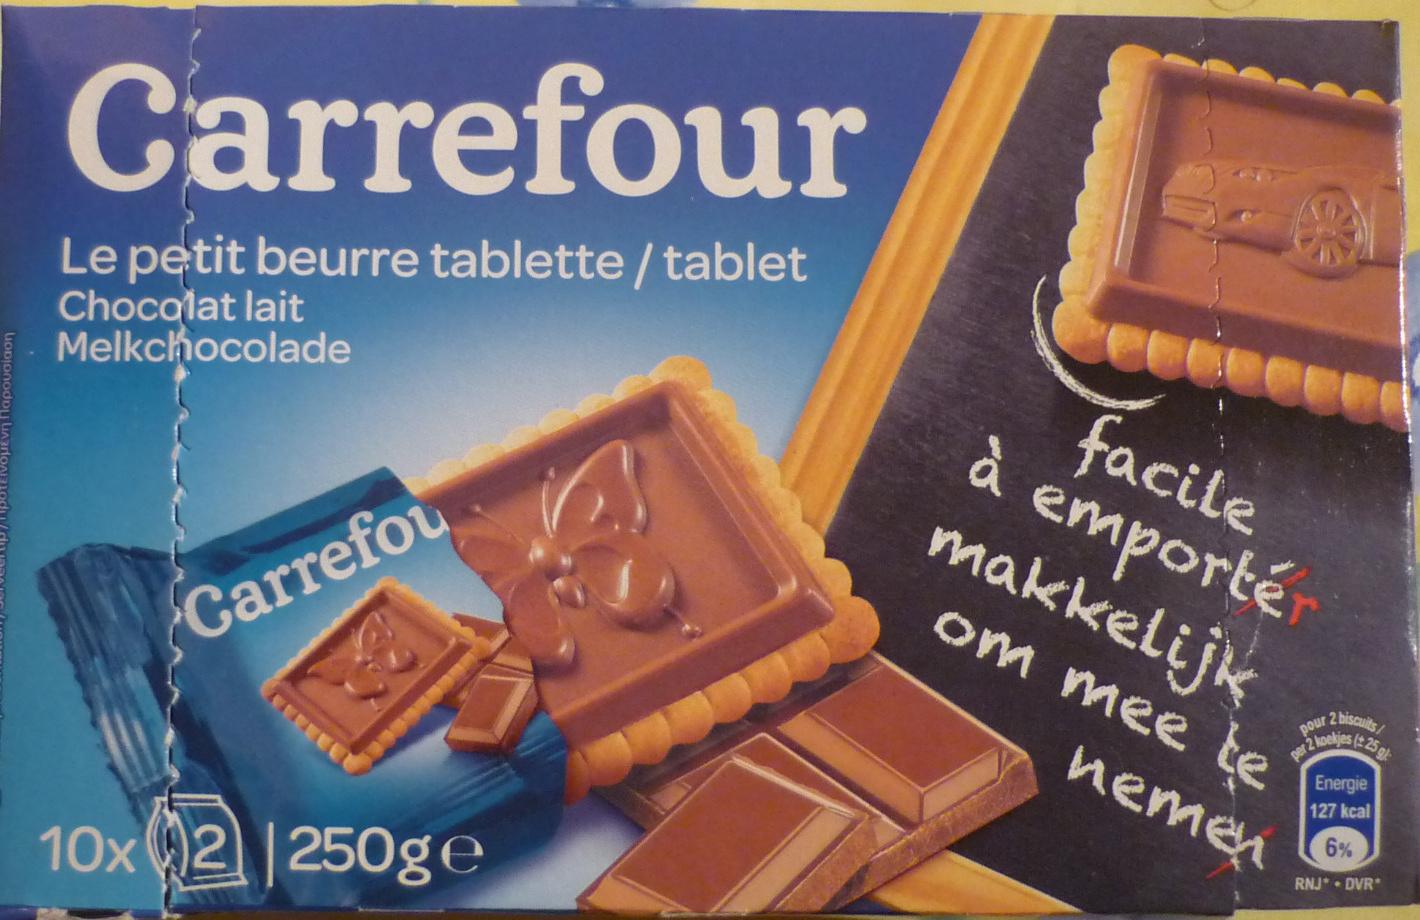 Para llevargalletas de mantequilla tabletachocolate con leche - Produit - fr